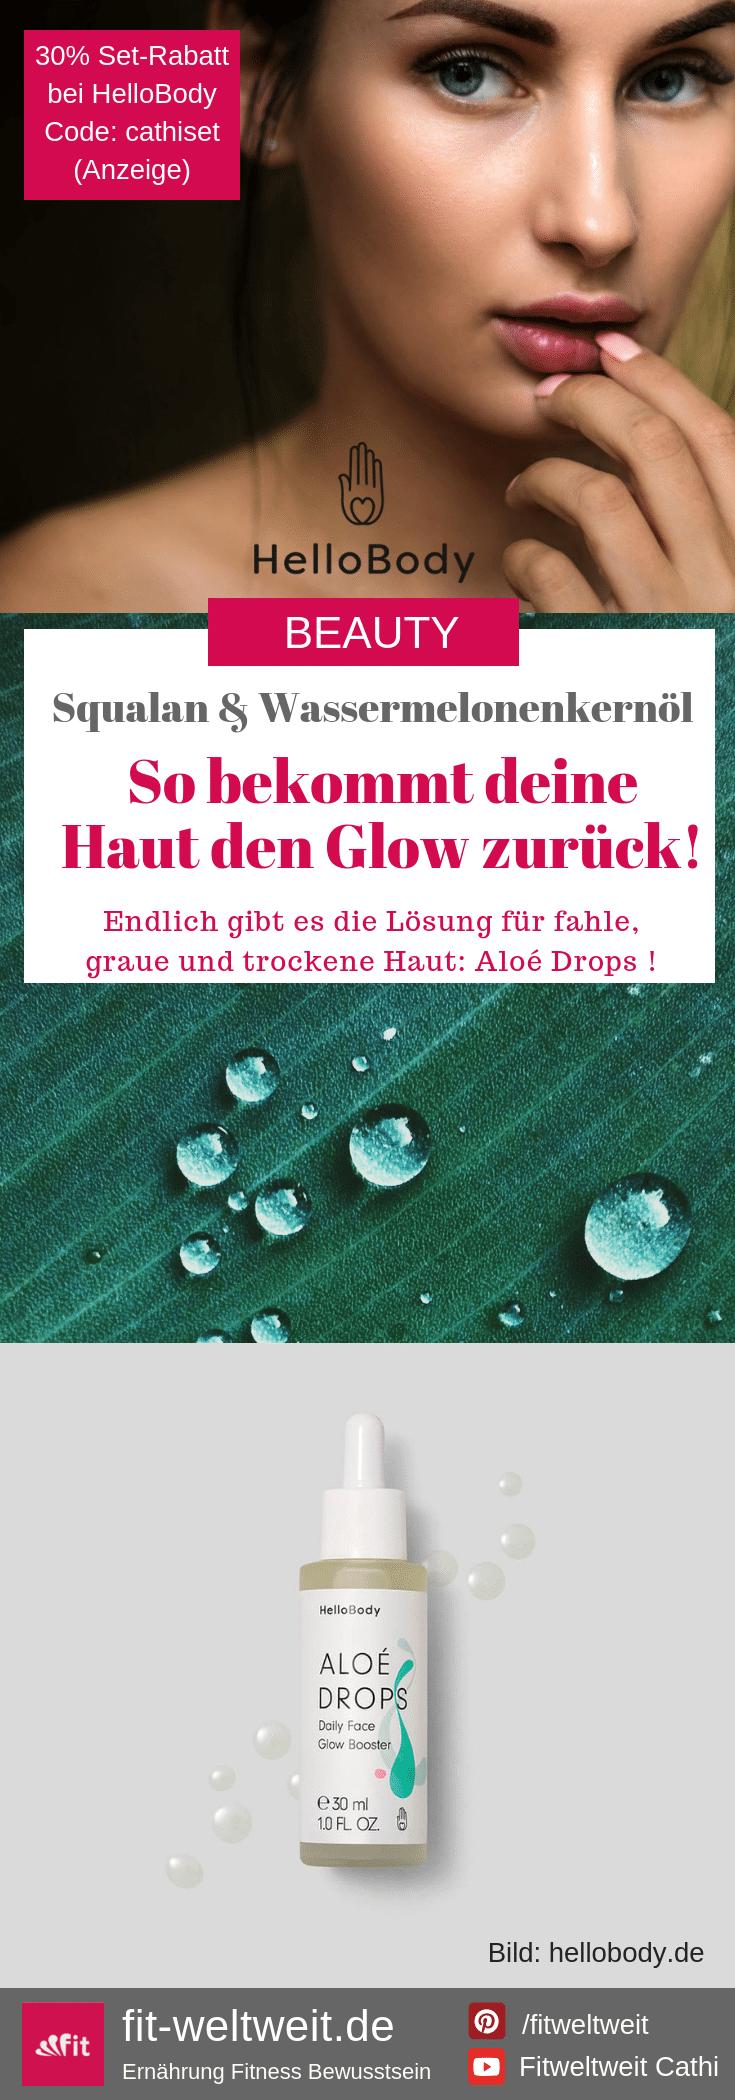 """FEUCHTIGKEITSBOOST #Gesicht #MakeUp #trockene #Haut #Hautpflege #Feuchtigkeit #Teint Darum hilft Wassermelonenkernölbei trockener, fahler Haut, #Falten #Müdigkeit und müder Haut!Versorgt sie mit Feuchtigkeit und speichert diese, repariert und glättet, wirkt entzündungshemmend und kann das Haut-Milieu schützen. Bekomme einen ebenmäßigen Teint und glatte Haut mit dem Extra-Glow-Effekt:Aloé Drops Daily Face Glow Booster30% Rabatt beiHelloBody auf alle Sets mit dem Code """"cathiset"""". (Werbung)"""